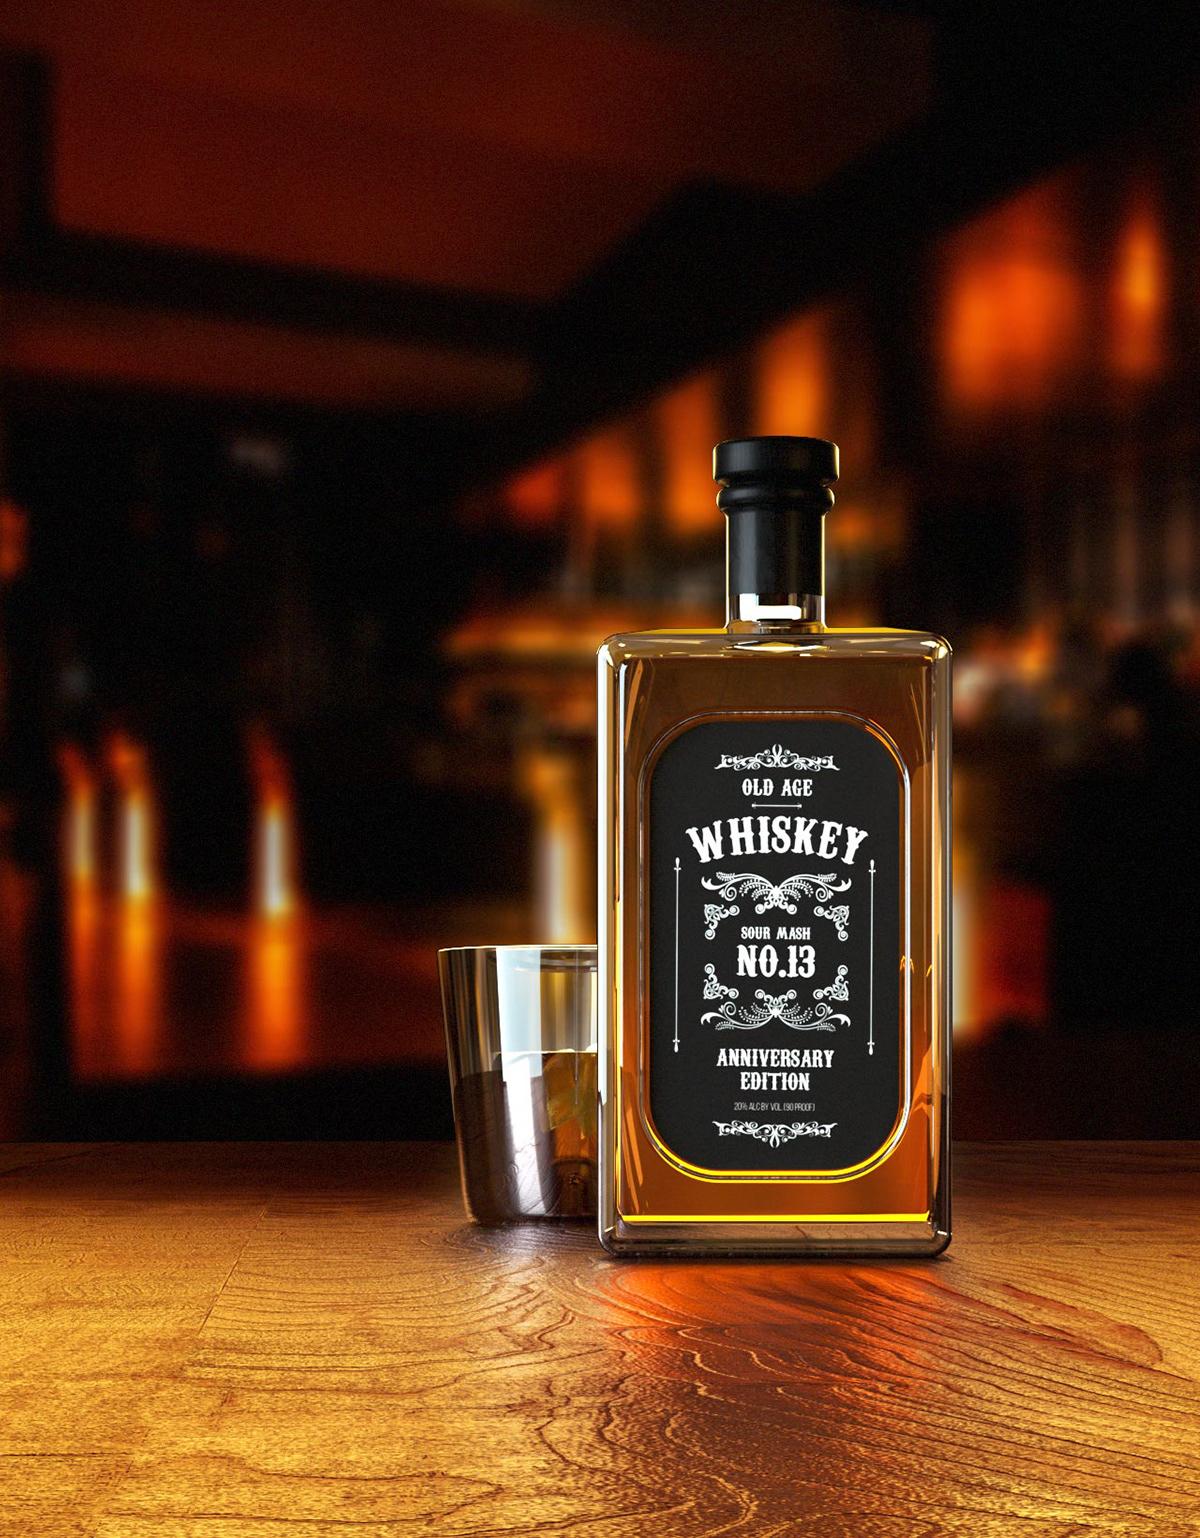 Whiskey octanerender   cinema4d product octane